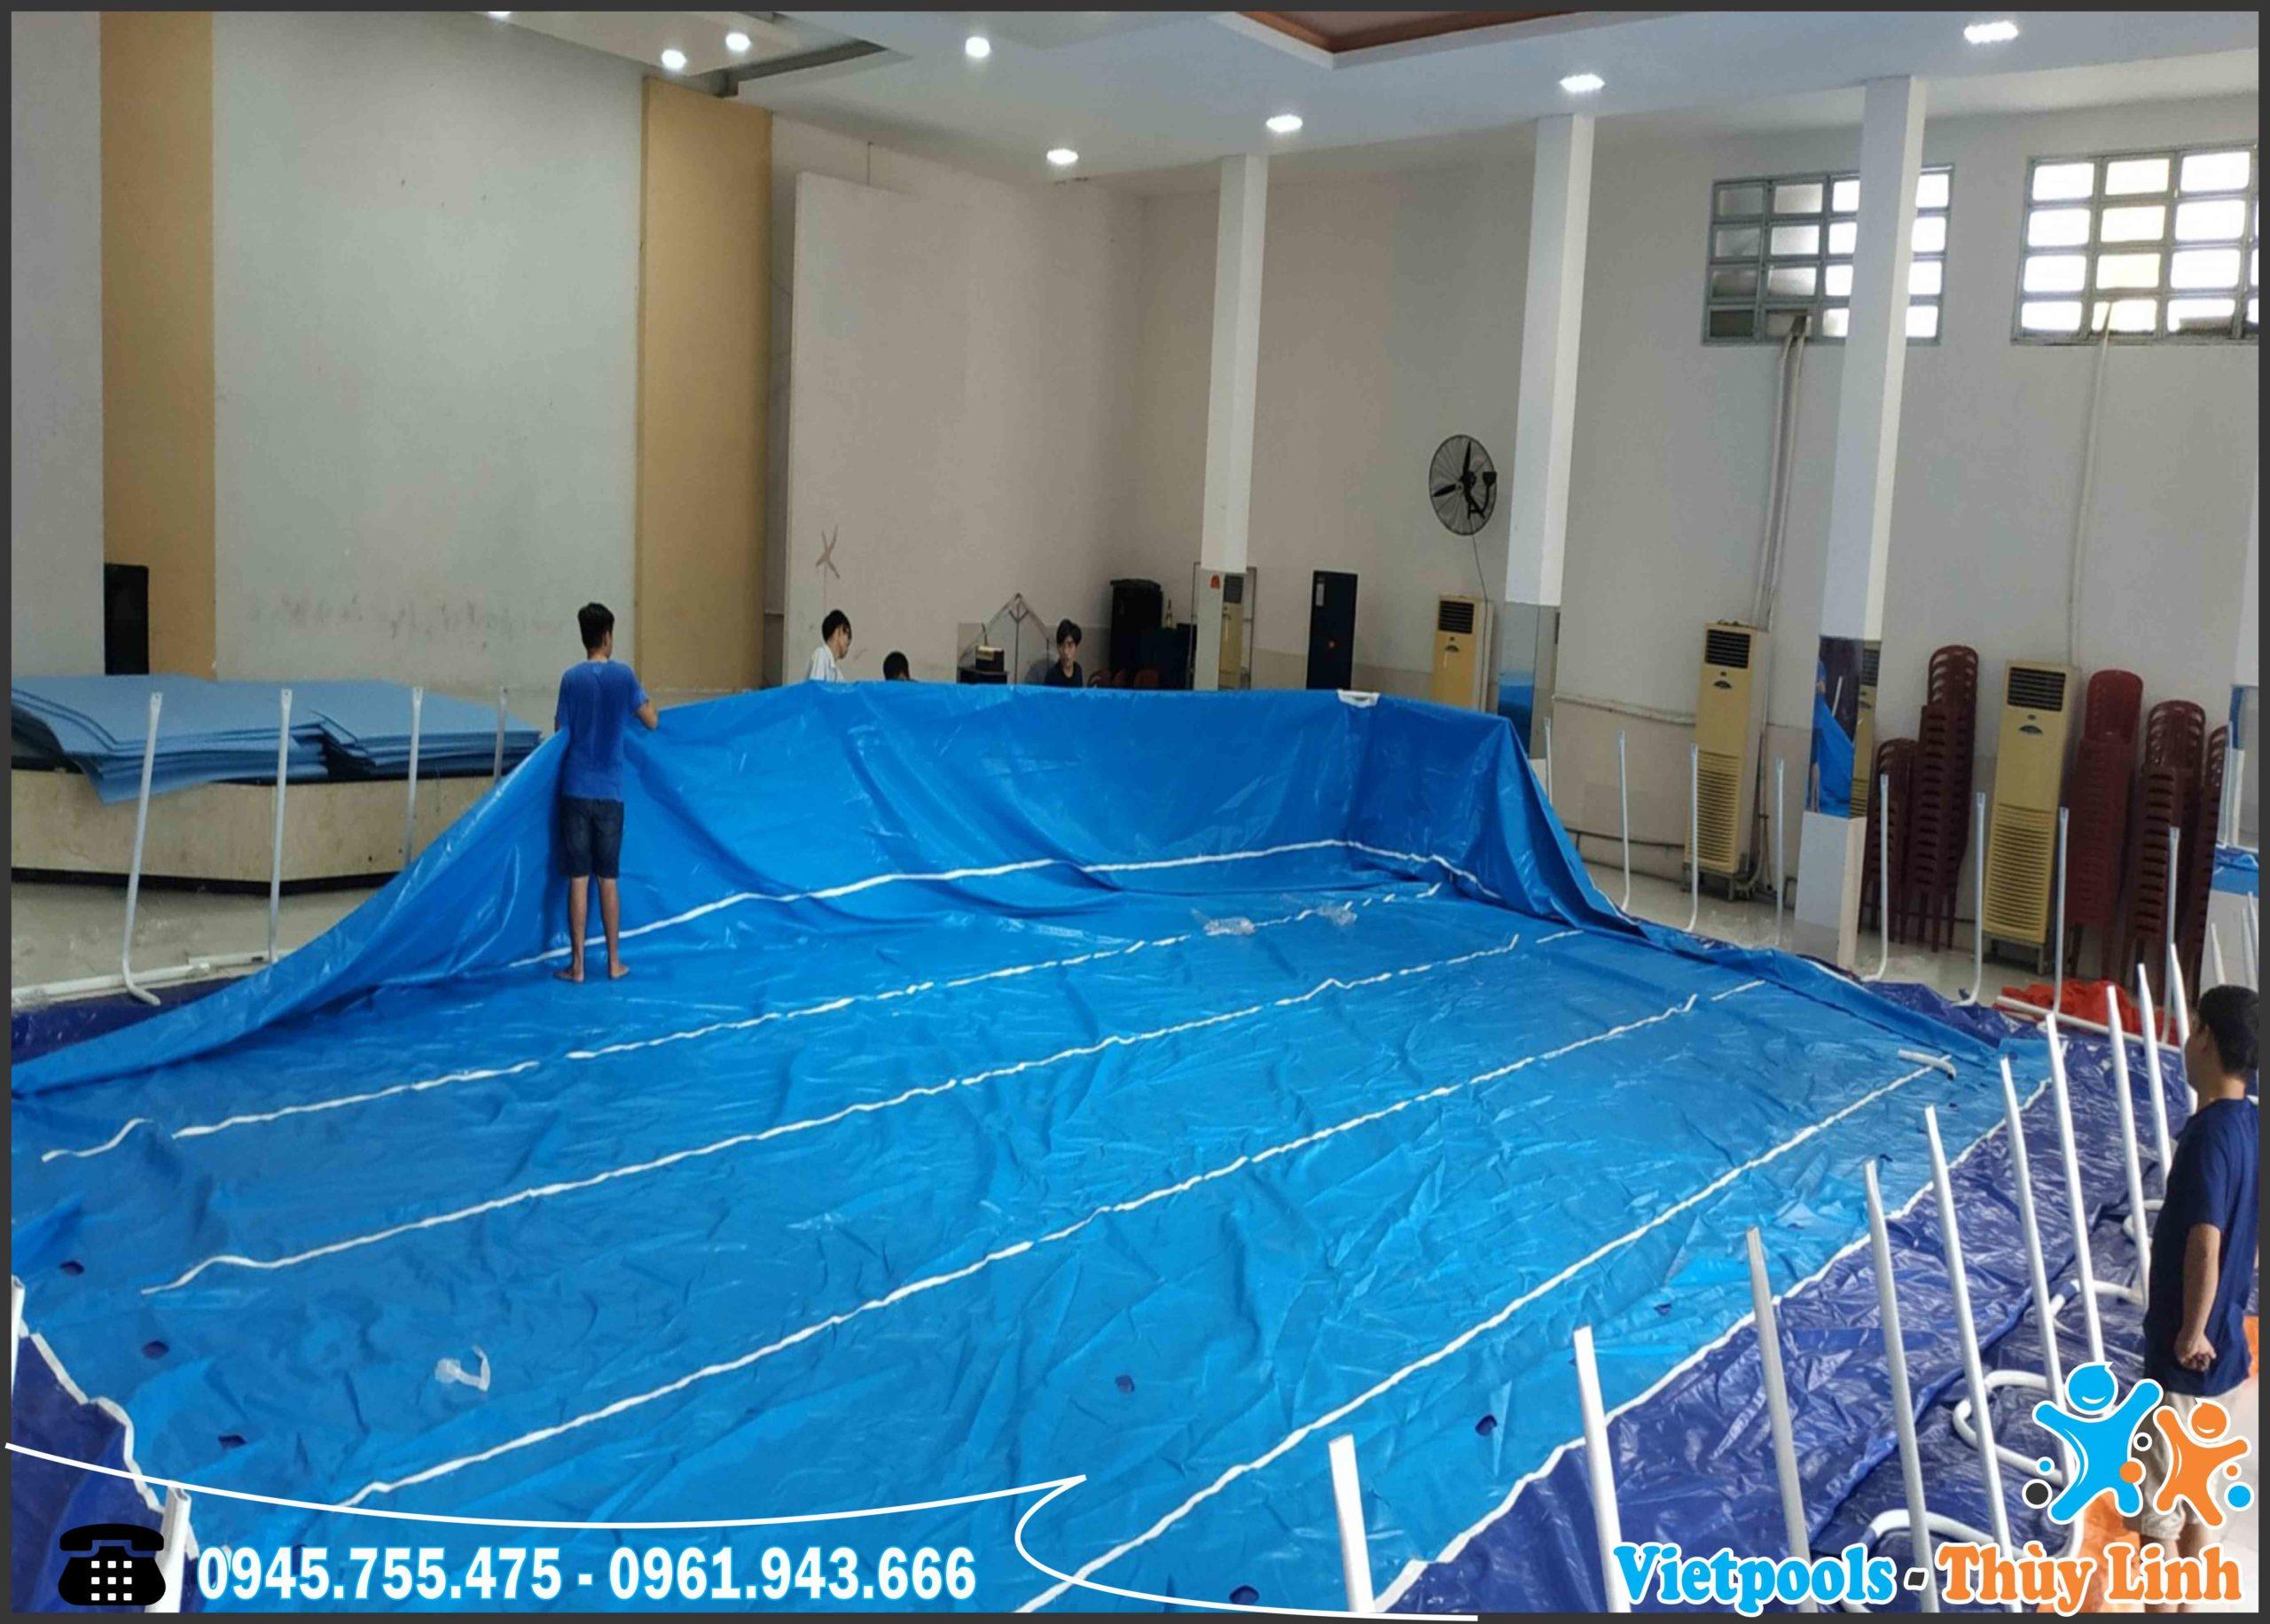 Bể Bơi Lắp Ghép Khung Kim Loại Tại Hồ Chí Minh KT 8.1mx17.1m - 2020 8